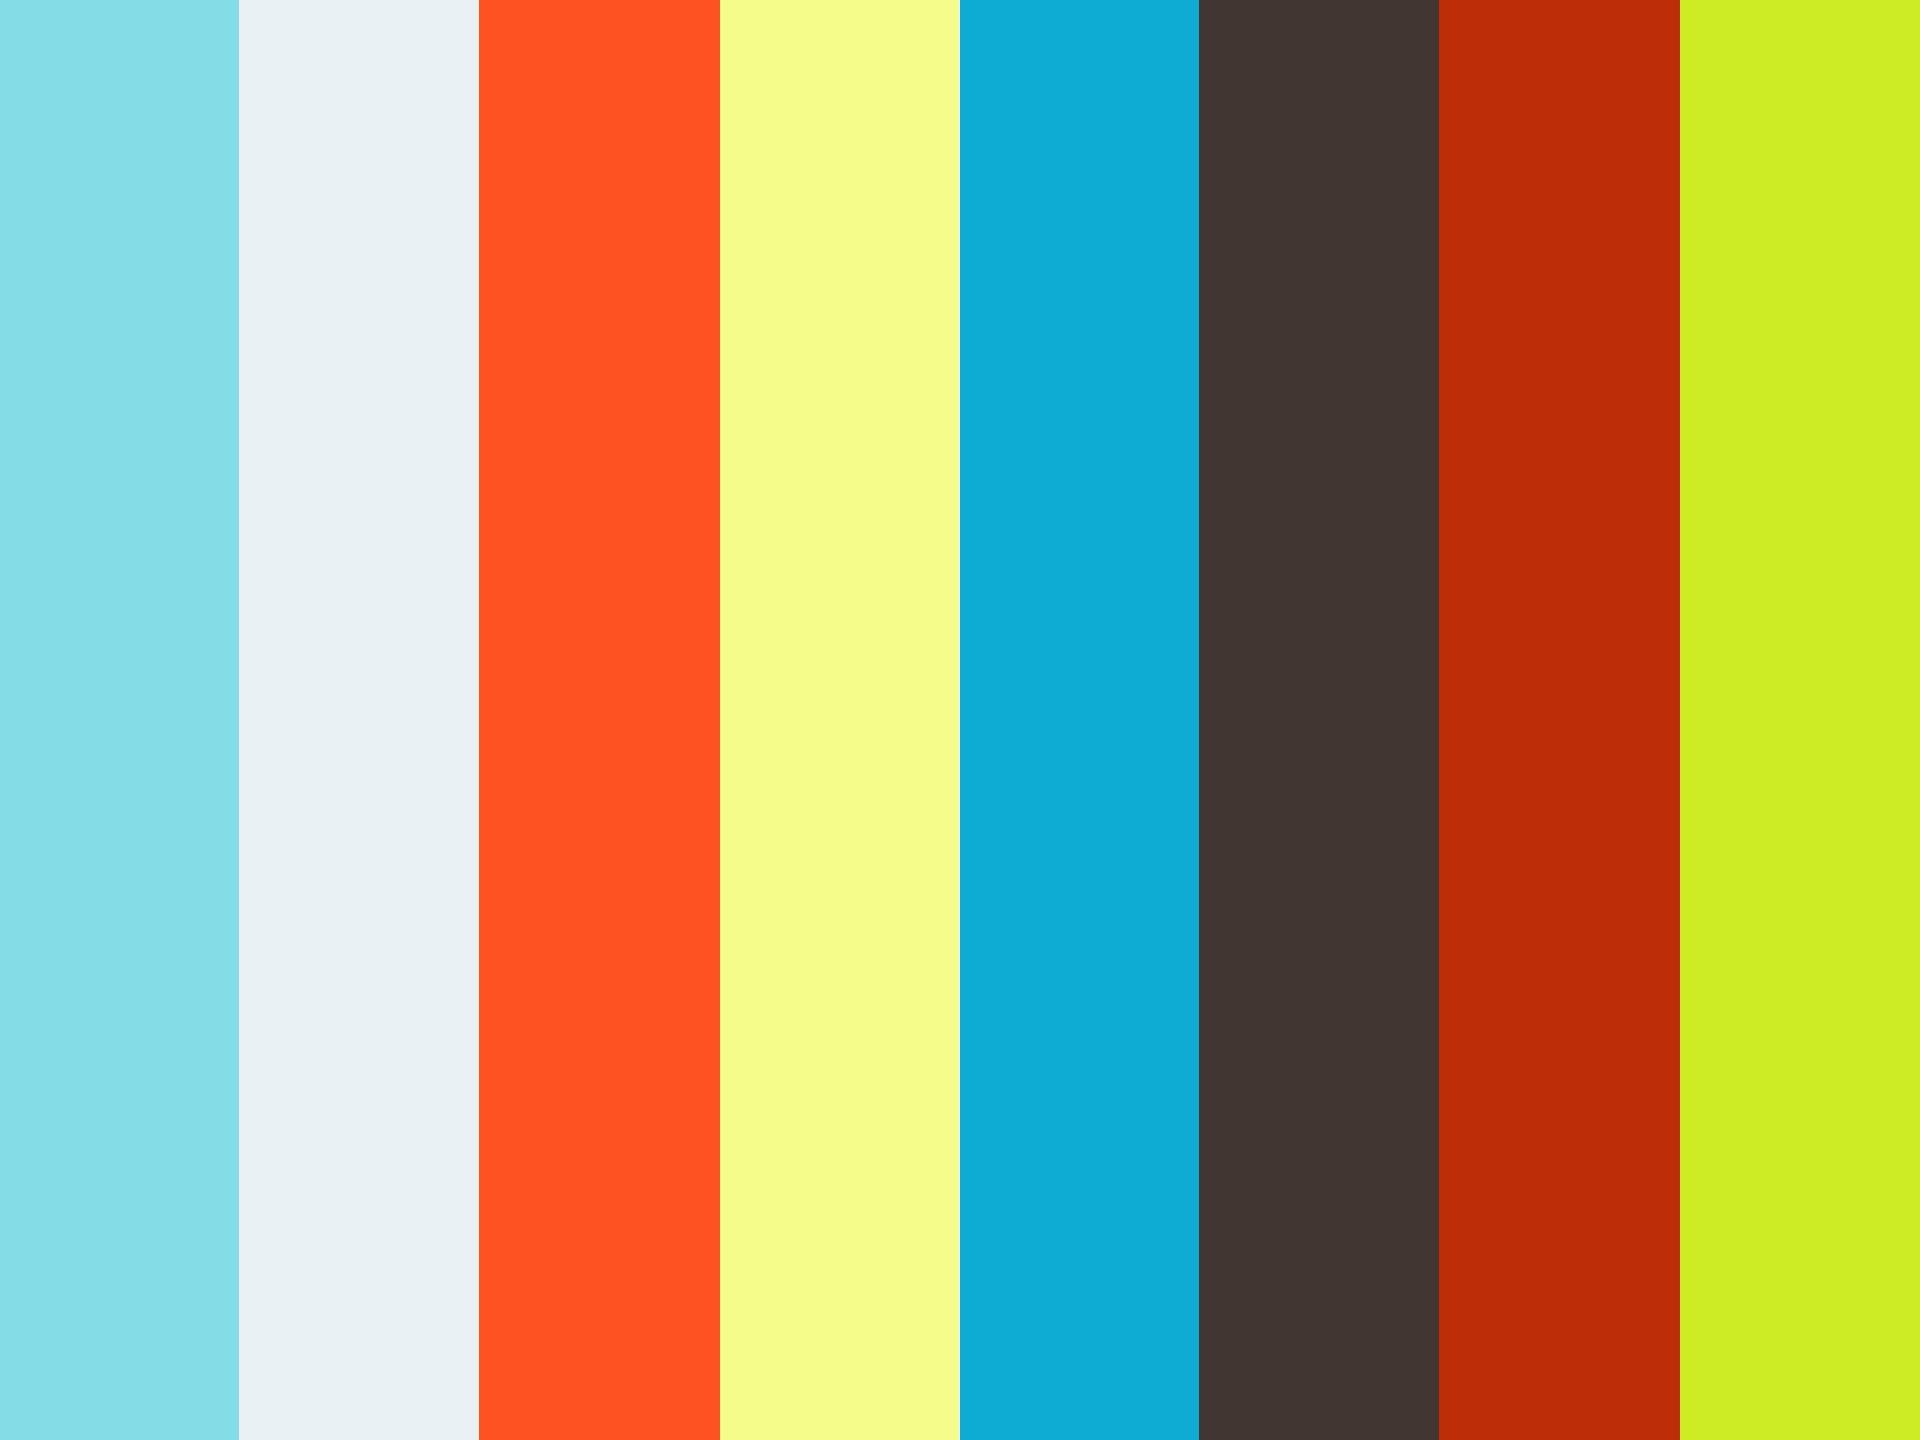 MERCEDES BENZ C300 - BLACK - 2016